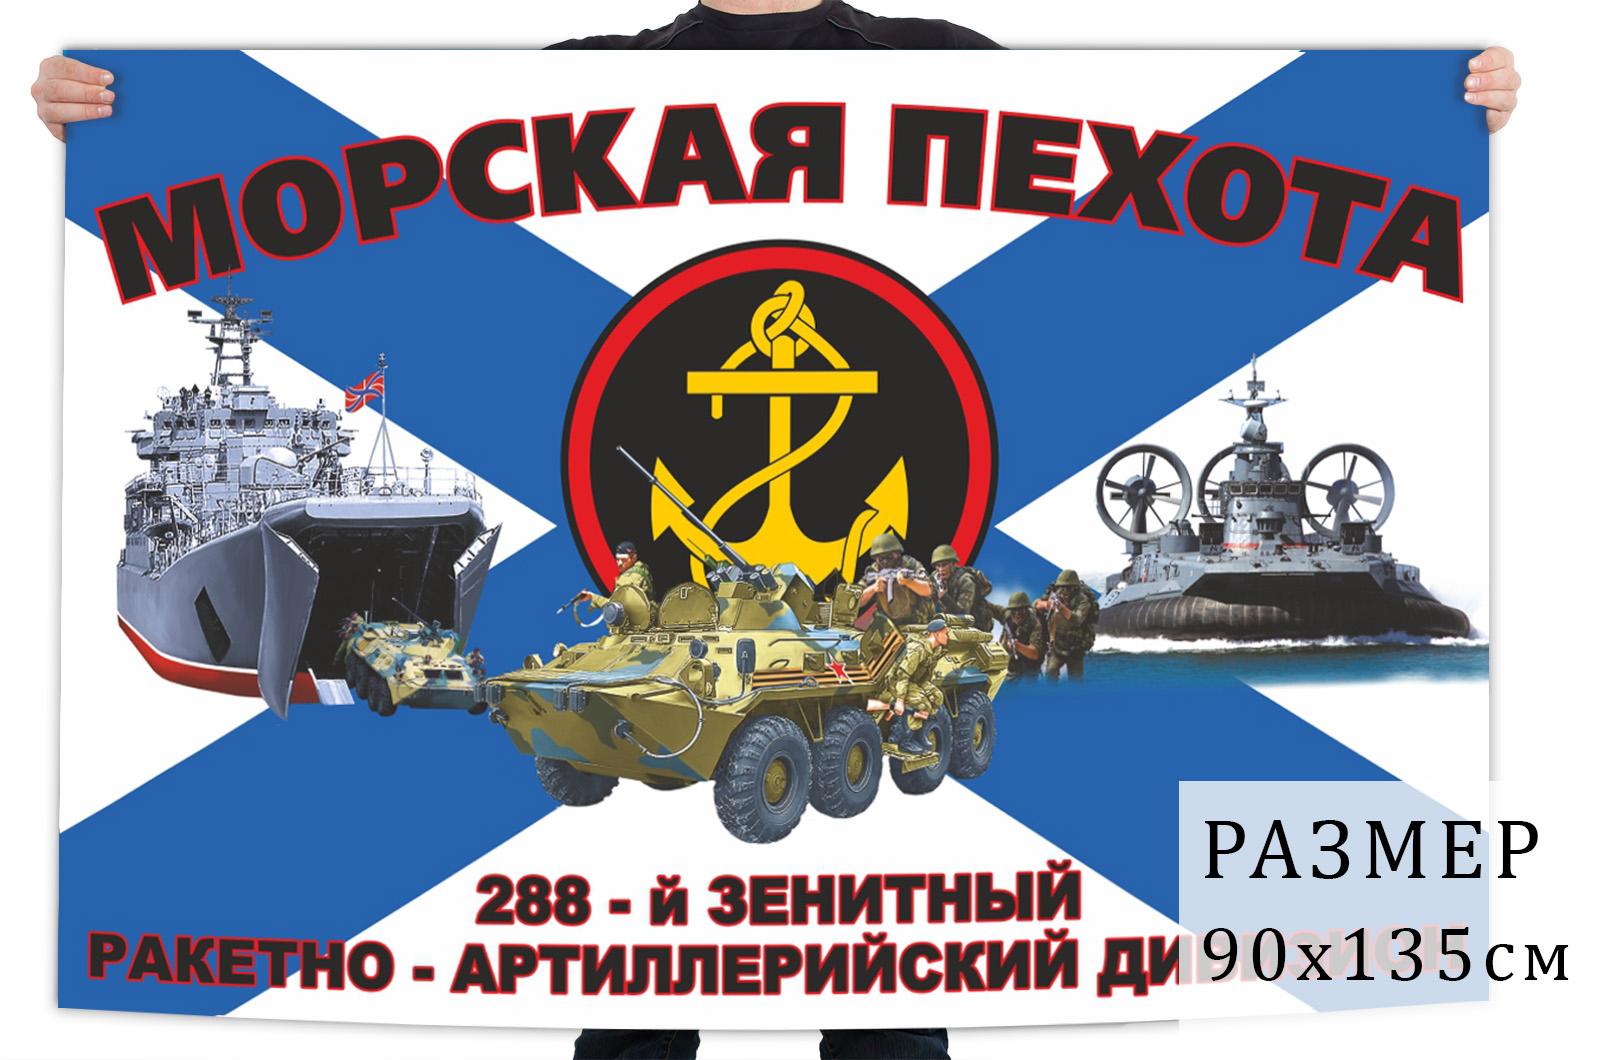 Флаг 288 зенитного ракетно-артиллерийского дивизиона морской пехоты